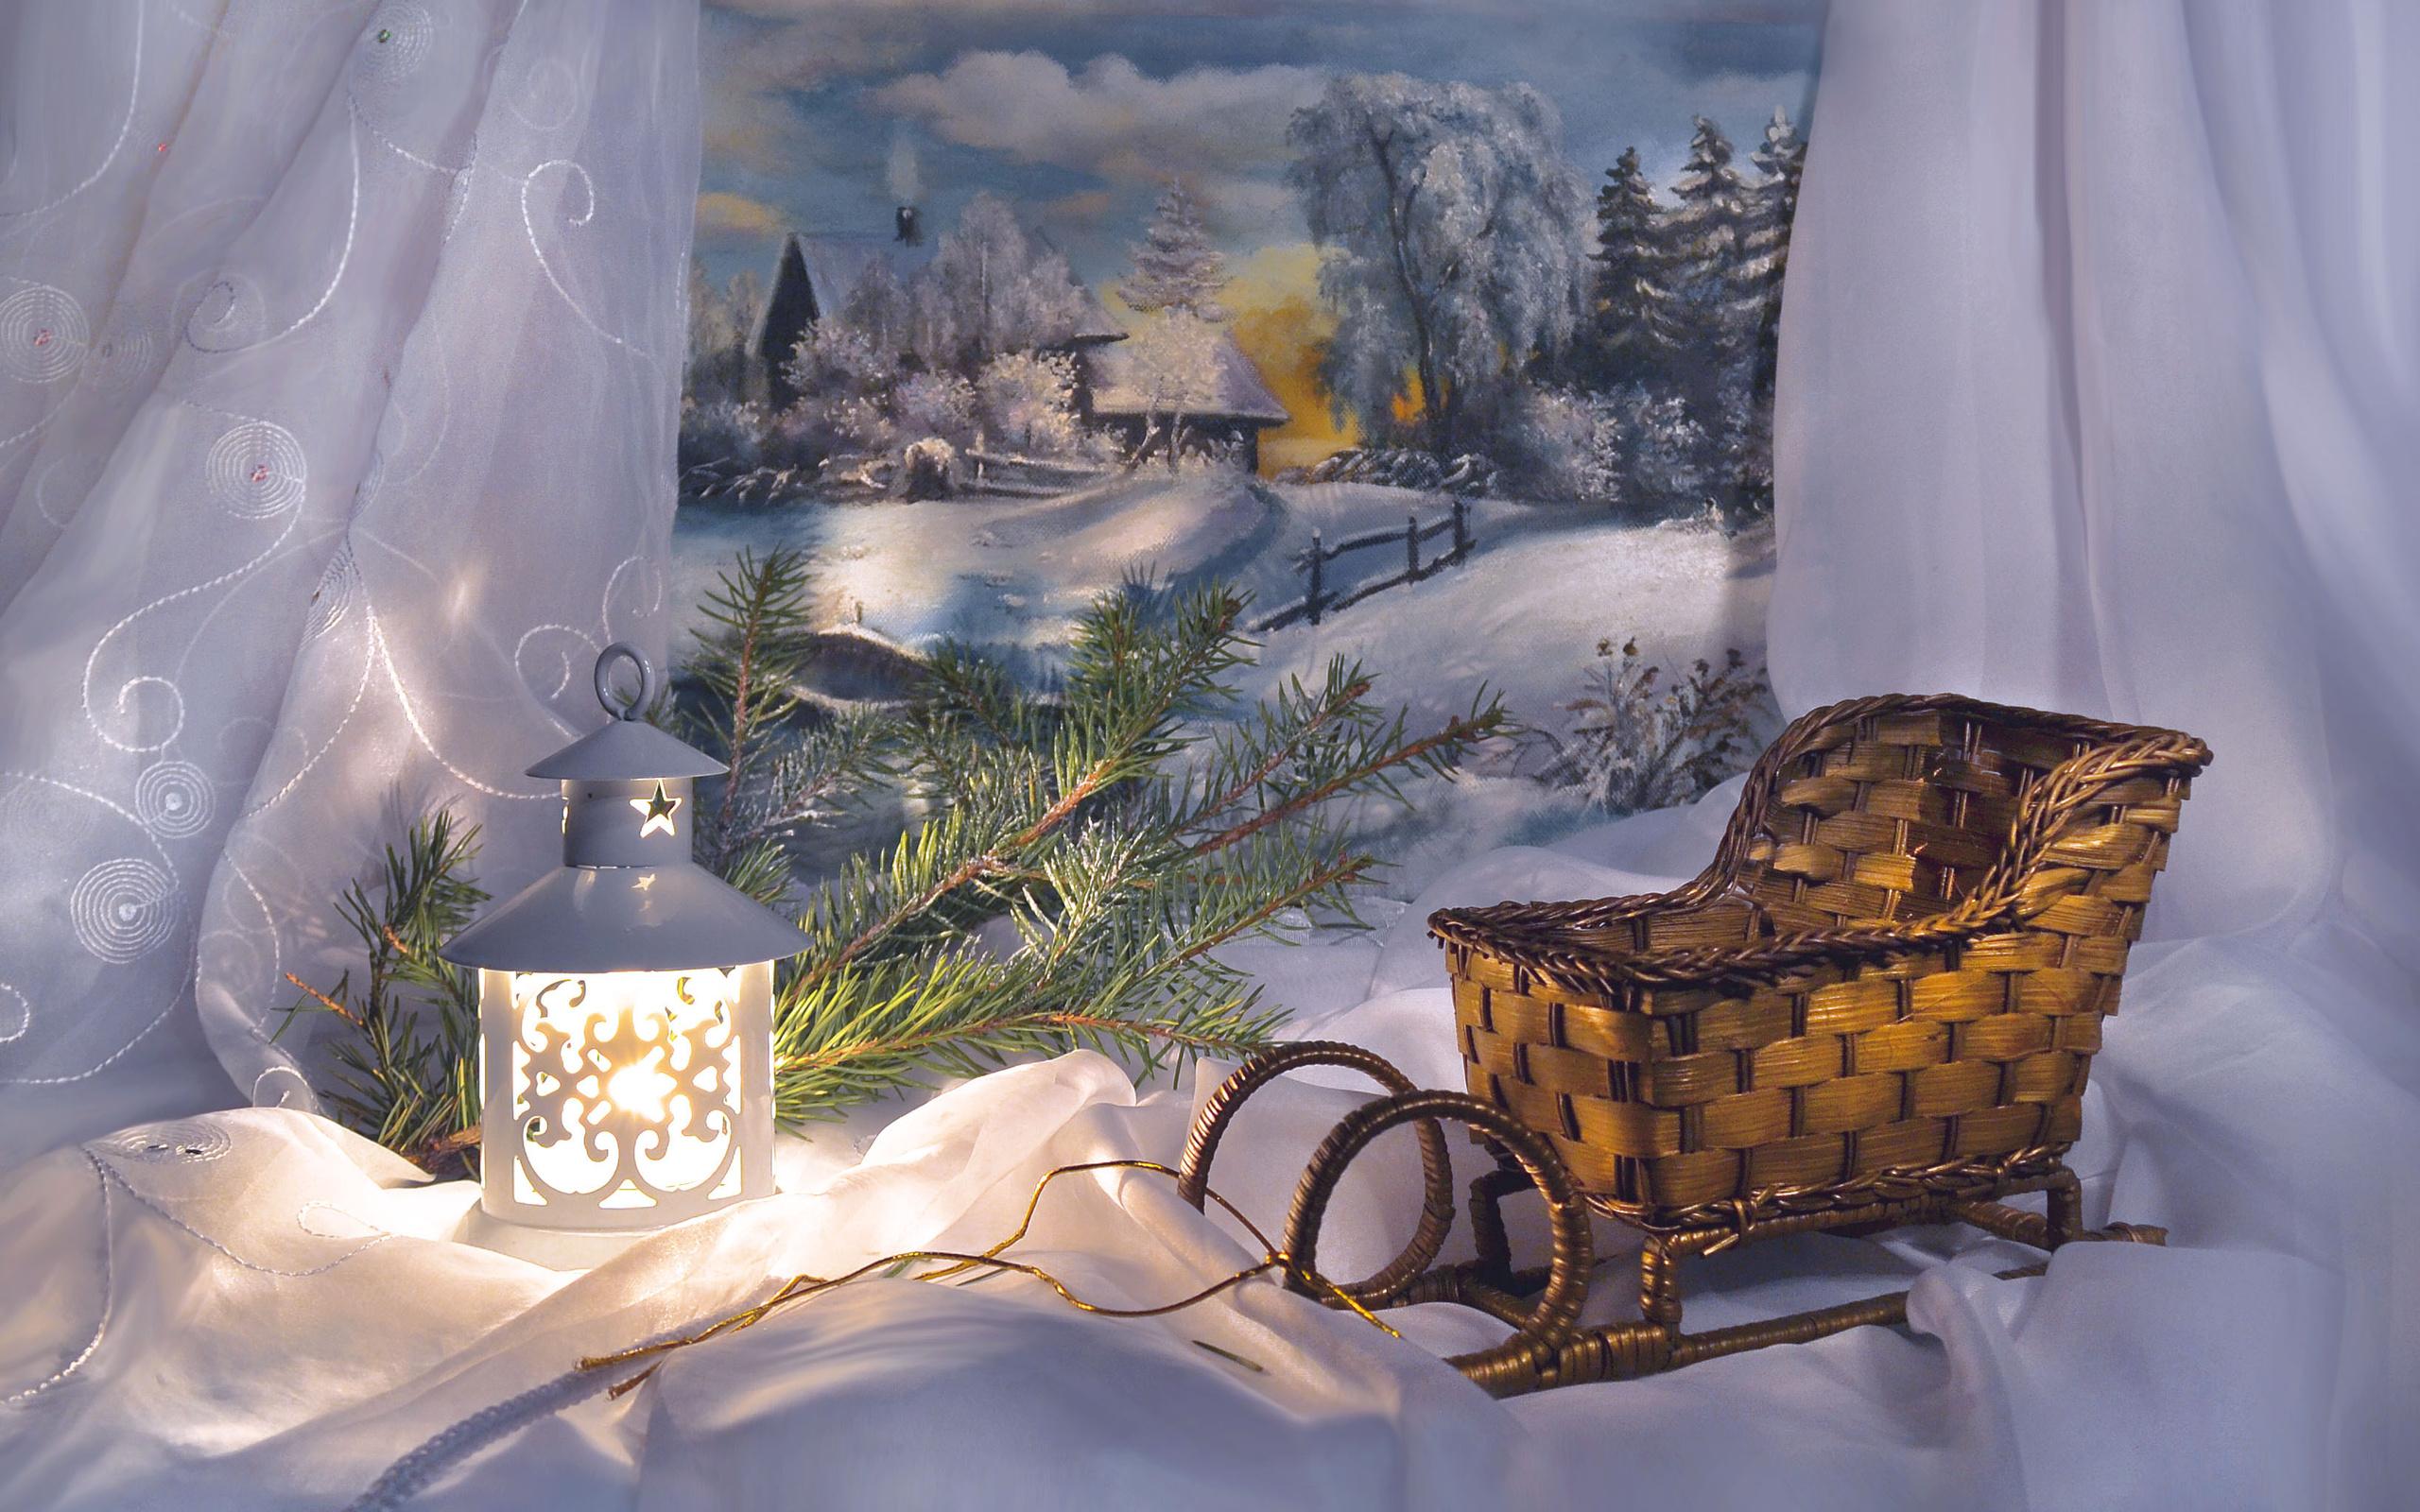 свое открытки уютного рождественского вечера реальных фото